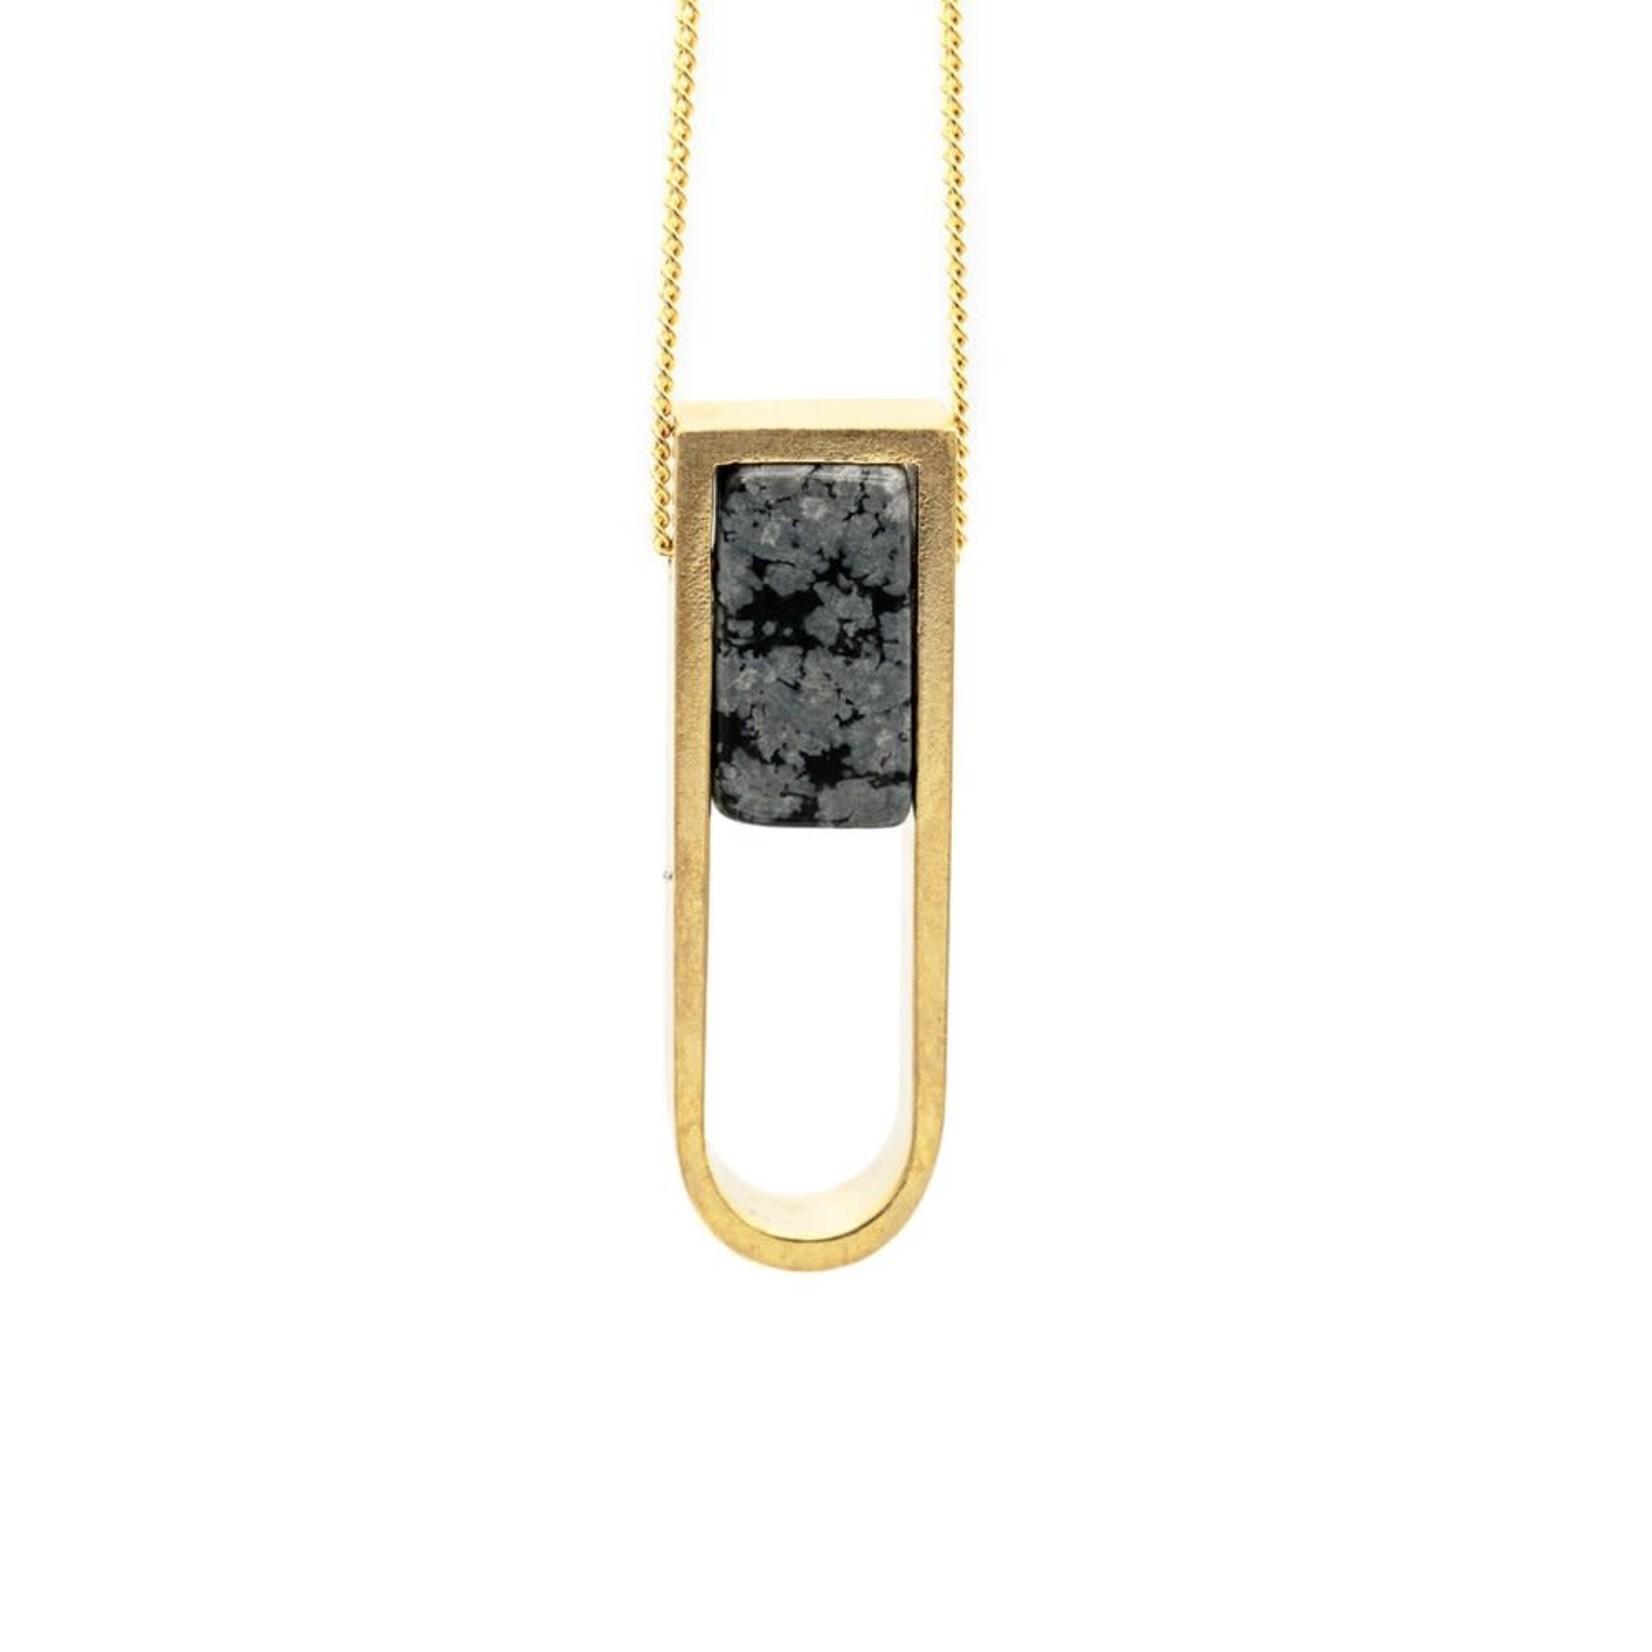 Mana Made Jewelry Mana Made Horseshoe Necklace Obsidian